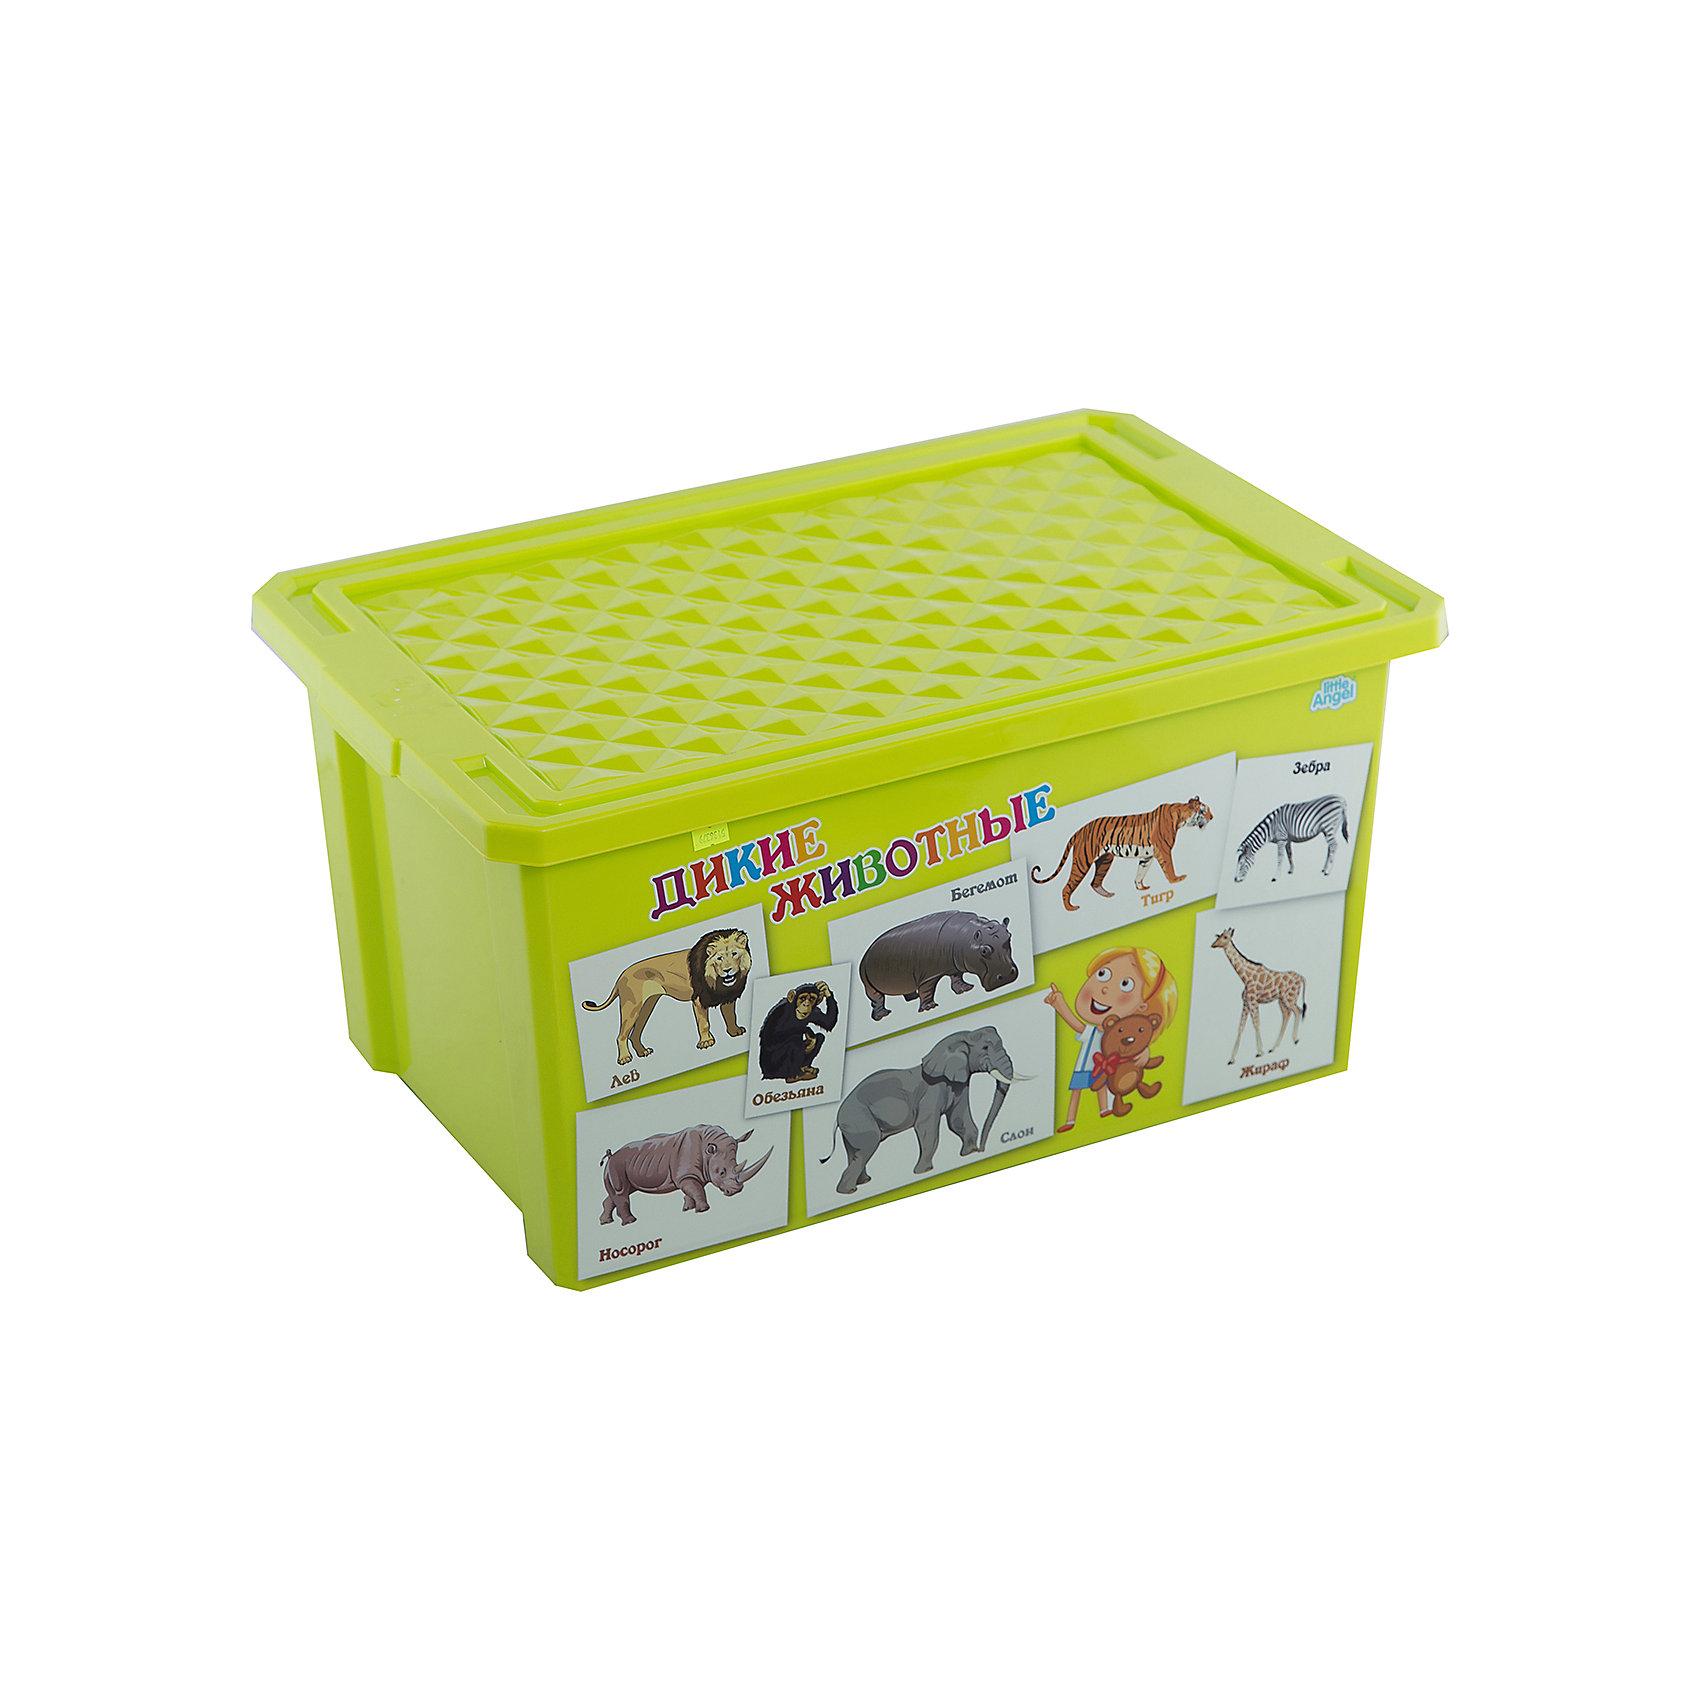 Ящик для хранения игрушек X-BOX Обучайка Животные 57л, Little Angel, салатовыйПорядок в детской<br>Характеристики ящика для хранения игрушек X-BOX Обучайка Животные 57л, Little Angel, салатовый:<br><br>- возраст: от 3 лет<br>- пол: для мальчиков и девочек<br>- цвет: салатовый.<br>- материал: полипропилен.<br>- размер упаковки: 79 * 59 * 44 см.<br>- размер ящика: 61 * 40.5 * 33 см.<br>- вместимость: 57 л.<br>- вес: 1.91 кг.<br>- бренд: Little Angel<br>- страна обладатель бренда: Россия.<br><br>Детский ящик для хранения игрушек X-Box Обучайка от производителя Little Angel - это очень легкая и удобная в эксплуатации емкость яркого салатового цвета. На одной стороне этого бокса имеется красочное изображение в виде иллюстрированных карточек с буквами которые помогут Вашему малышу быстрее запомнить буквы в игровой форме.<br><br>Детский ящик для хранения игрушек X-Box Обучайка Животные торговой  марки Little Angel можно купить в нашем интернет-магазине.<br><br>Ширина мм: 610<br>Глубина мм: 405<br>Высота мм: 330<br>Вес г: 2140<br>Возраст от месяцев: 24<br>Возраст до месяцев: 72<br>Пол: Унисекс<br>Возраст: Детский<br>SKU: 5136379